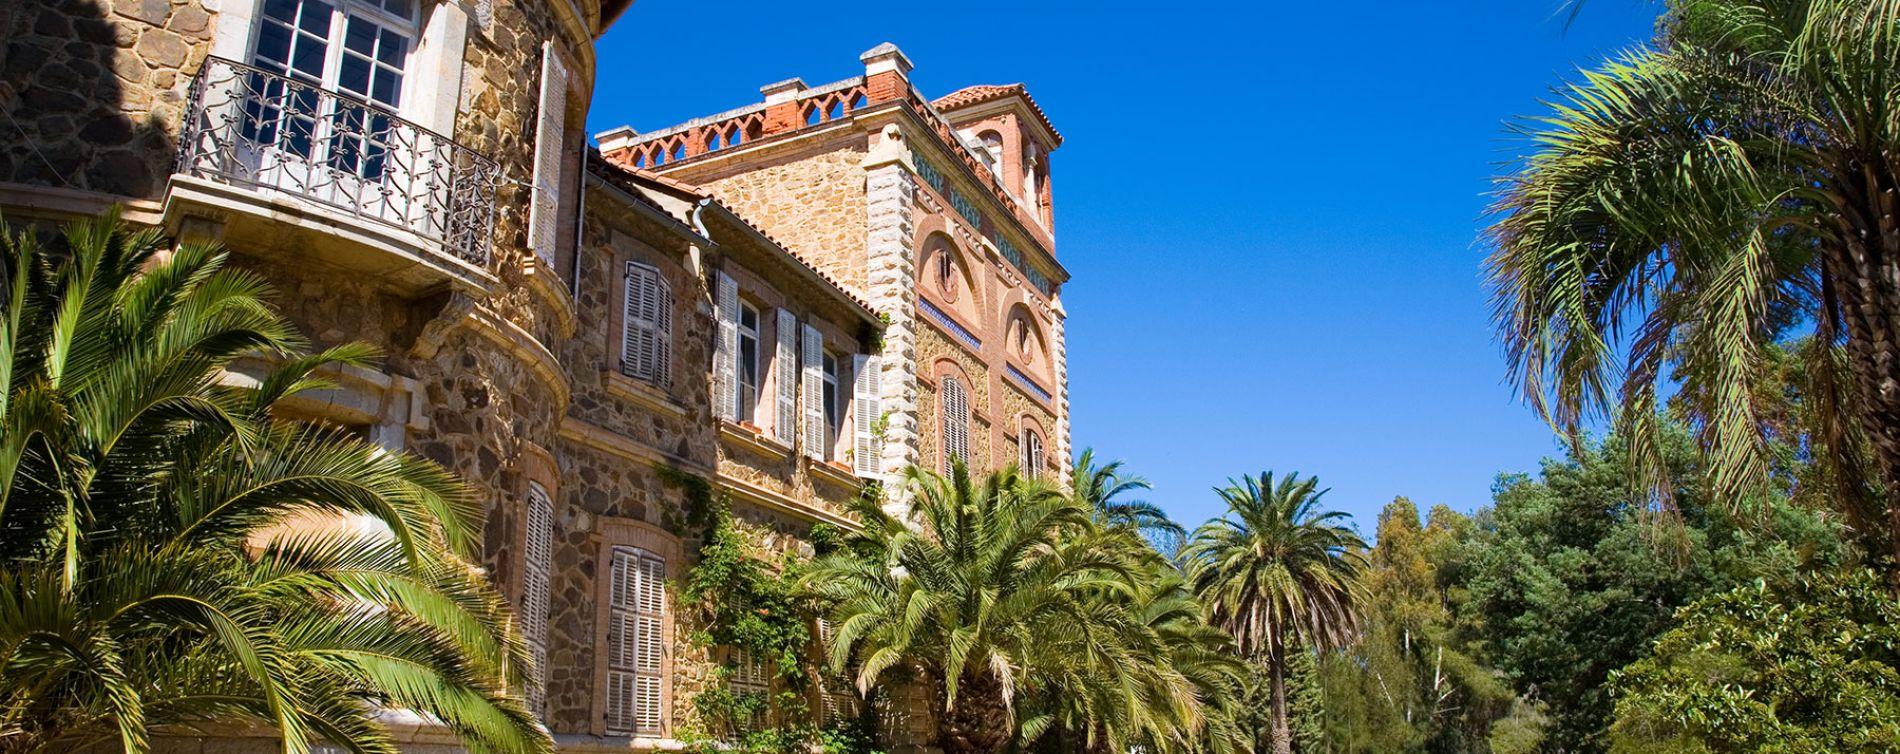 La Londe-les-Maures : programme immobilier à rénover « Château Horace Vernet » en Déficit Foncier (2)